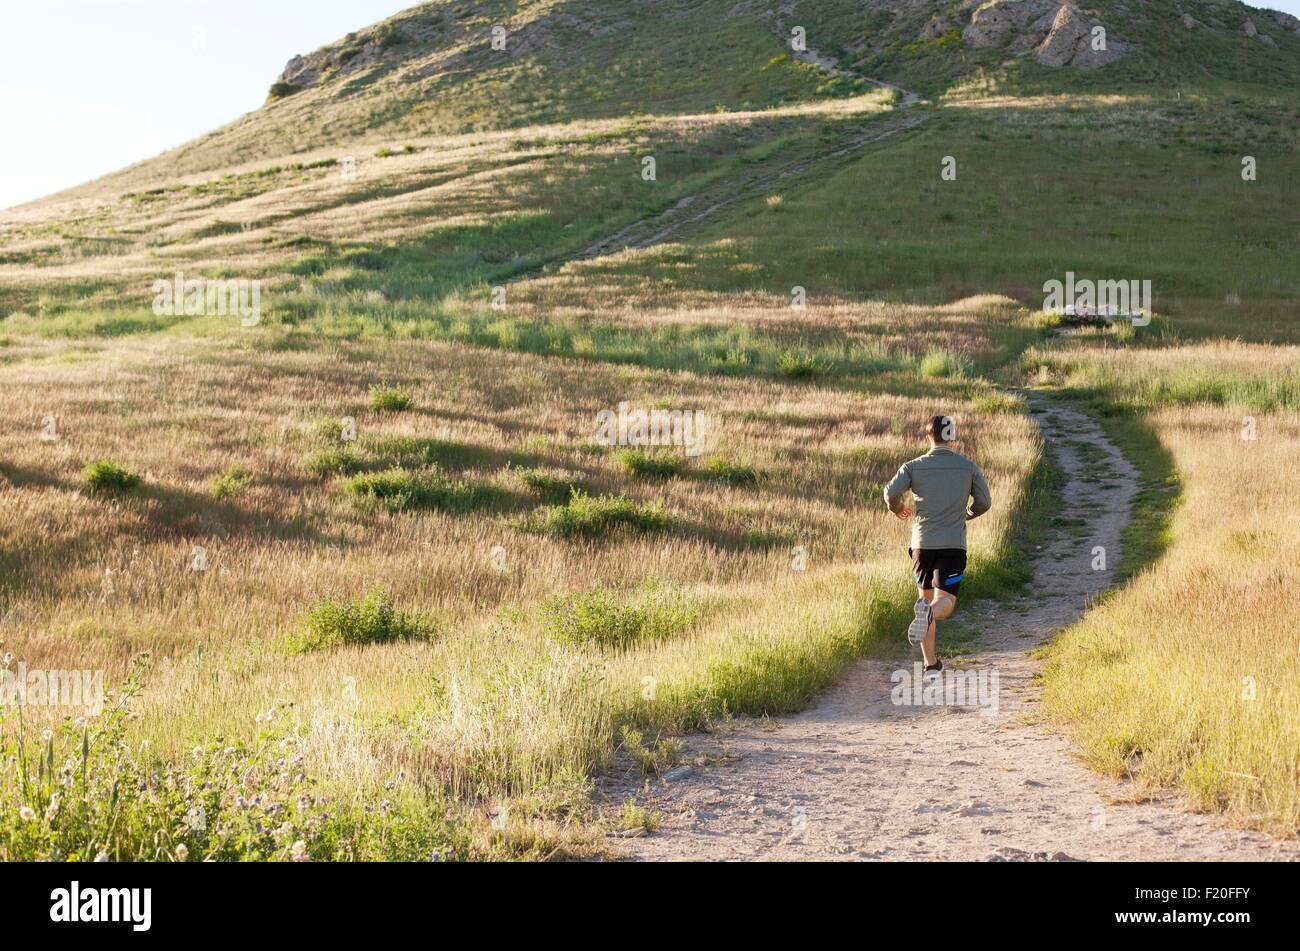 Vista trasera de los jóvenes varones runner corriendo ladera vía Imagen De Stock